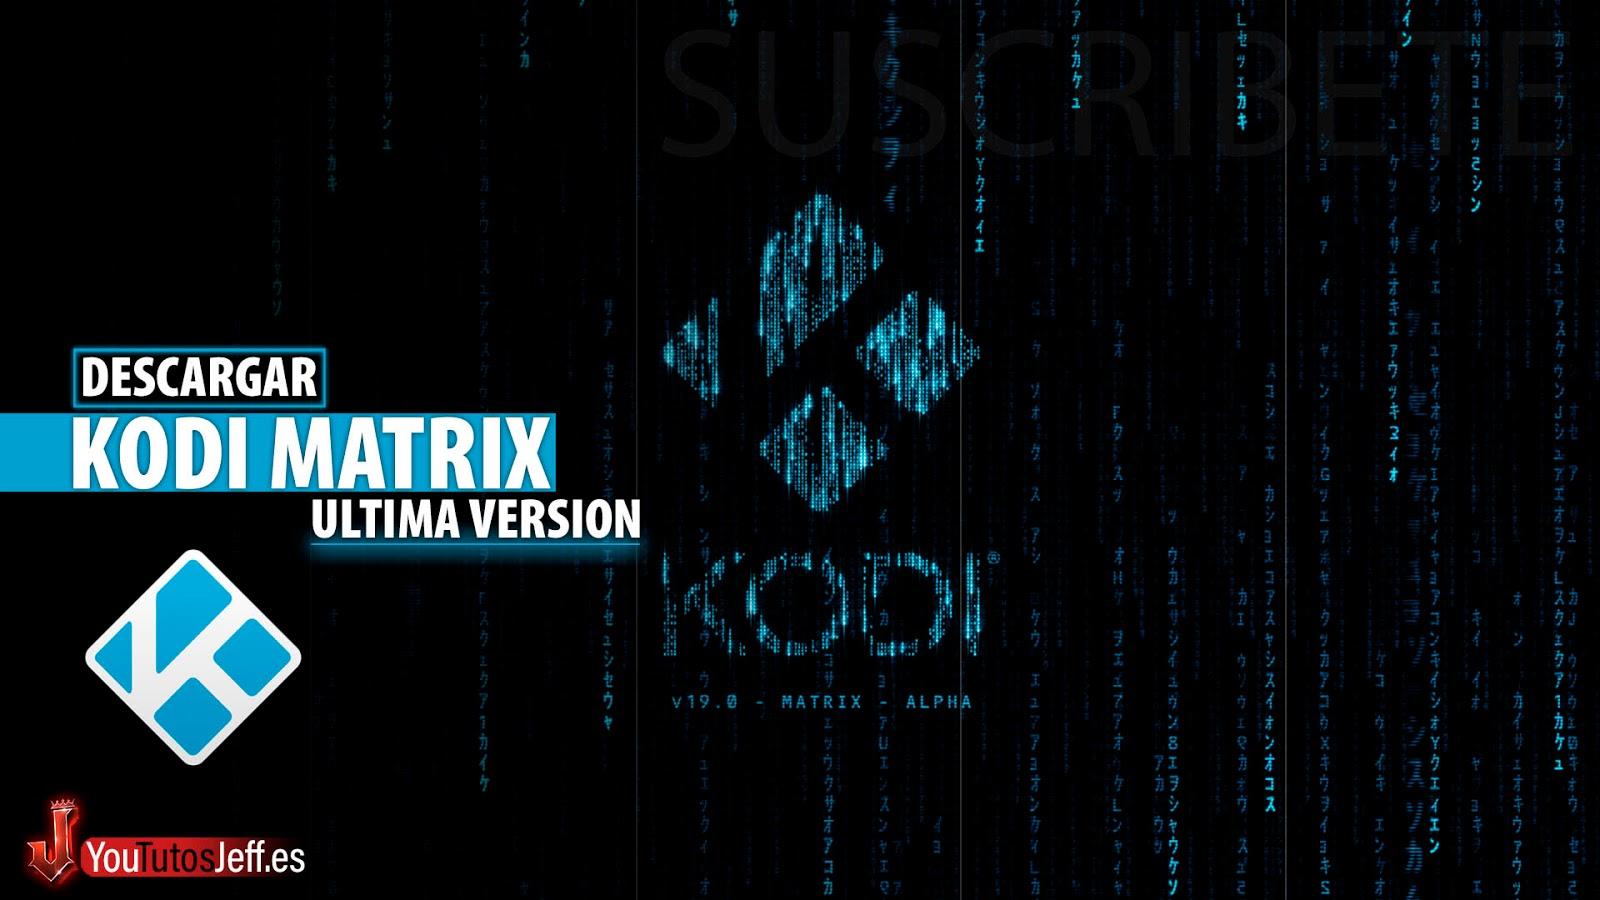 Como Descargar Kodi 19 Matrix Ultima Versión para PC